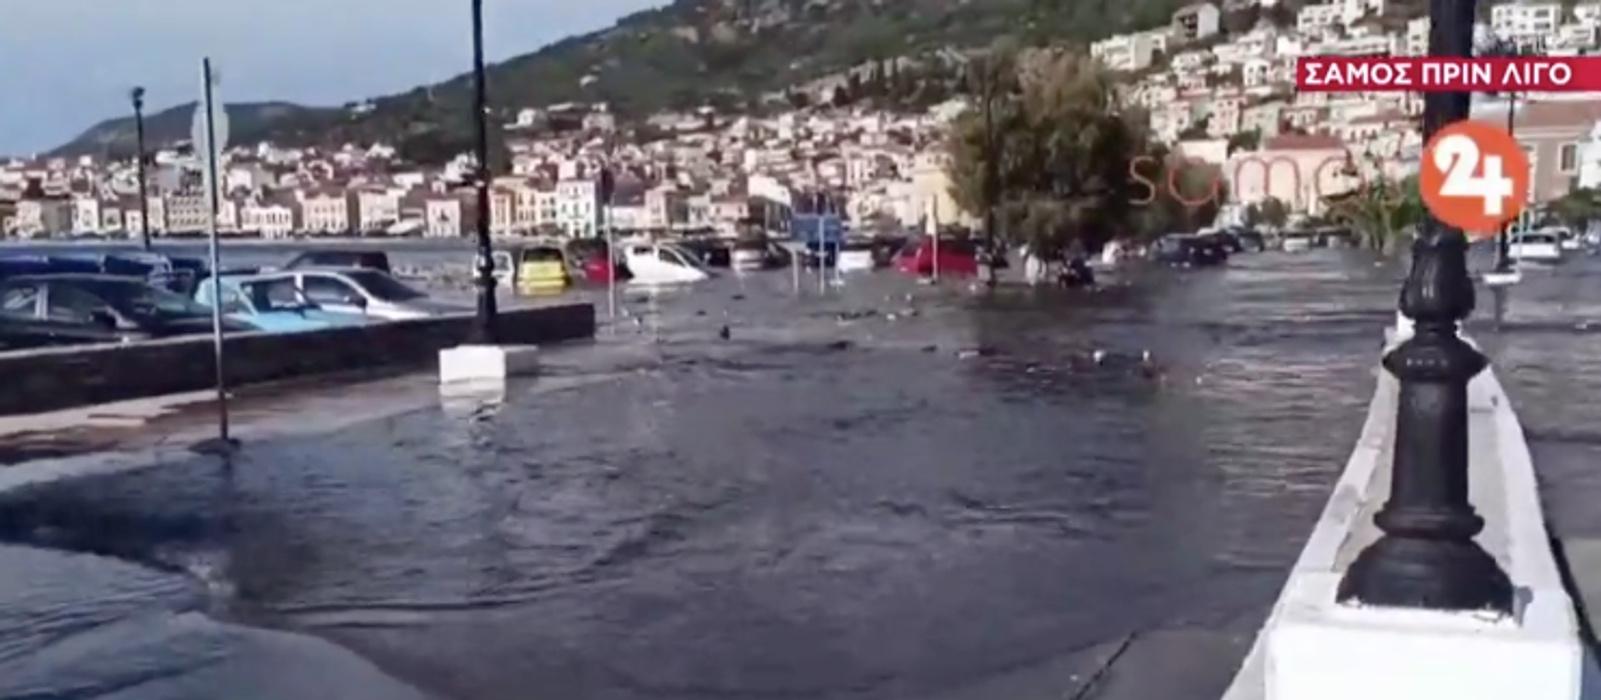 λιμάνι Σάμου πλημμύρες σεισμός